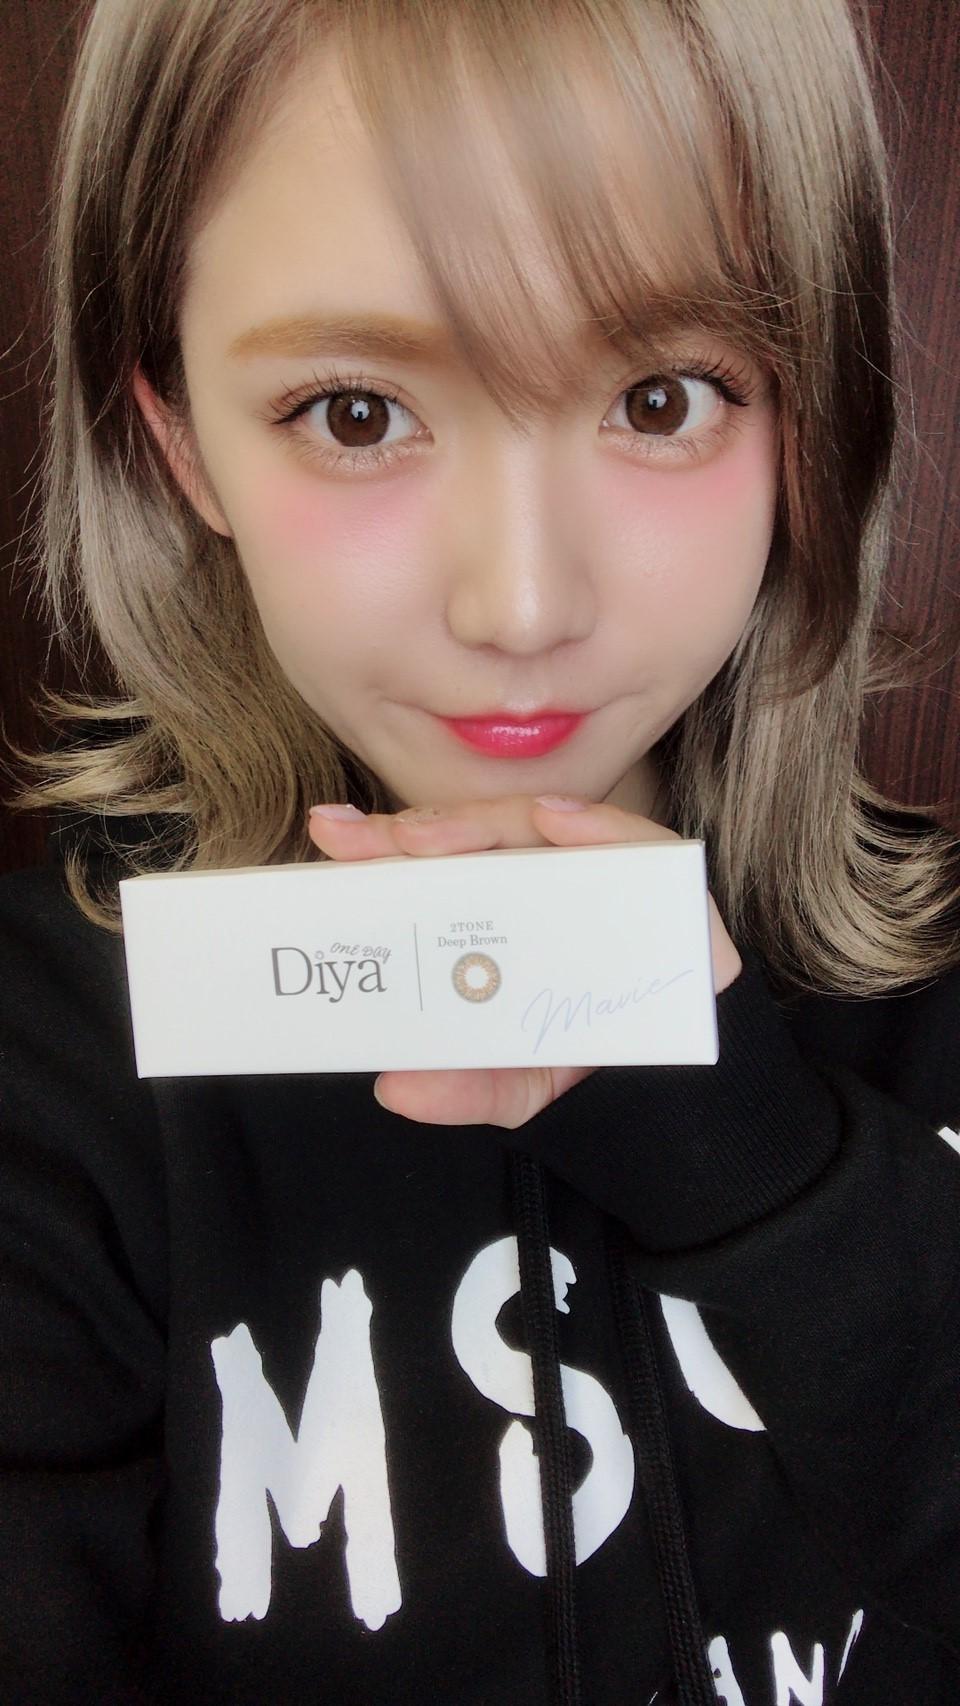 今田美桜ダイヤワンデーマビィディープブラウン装着全体